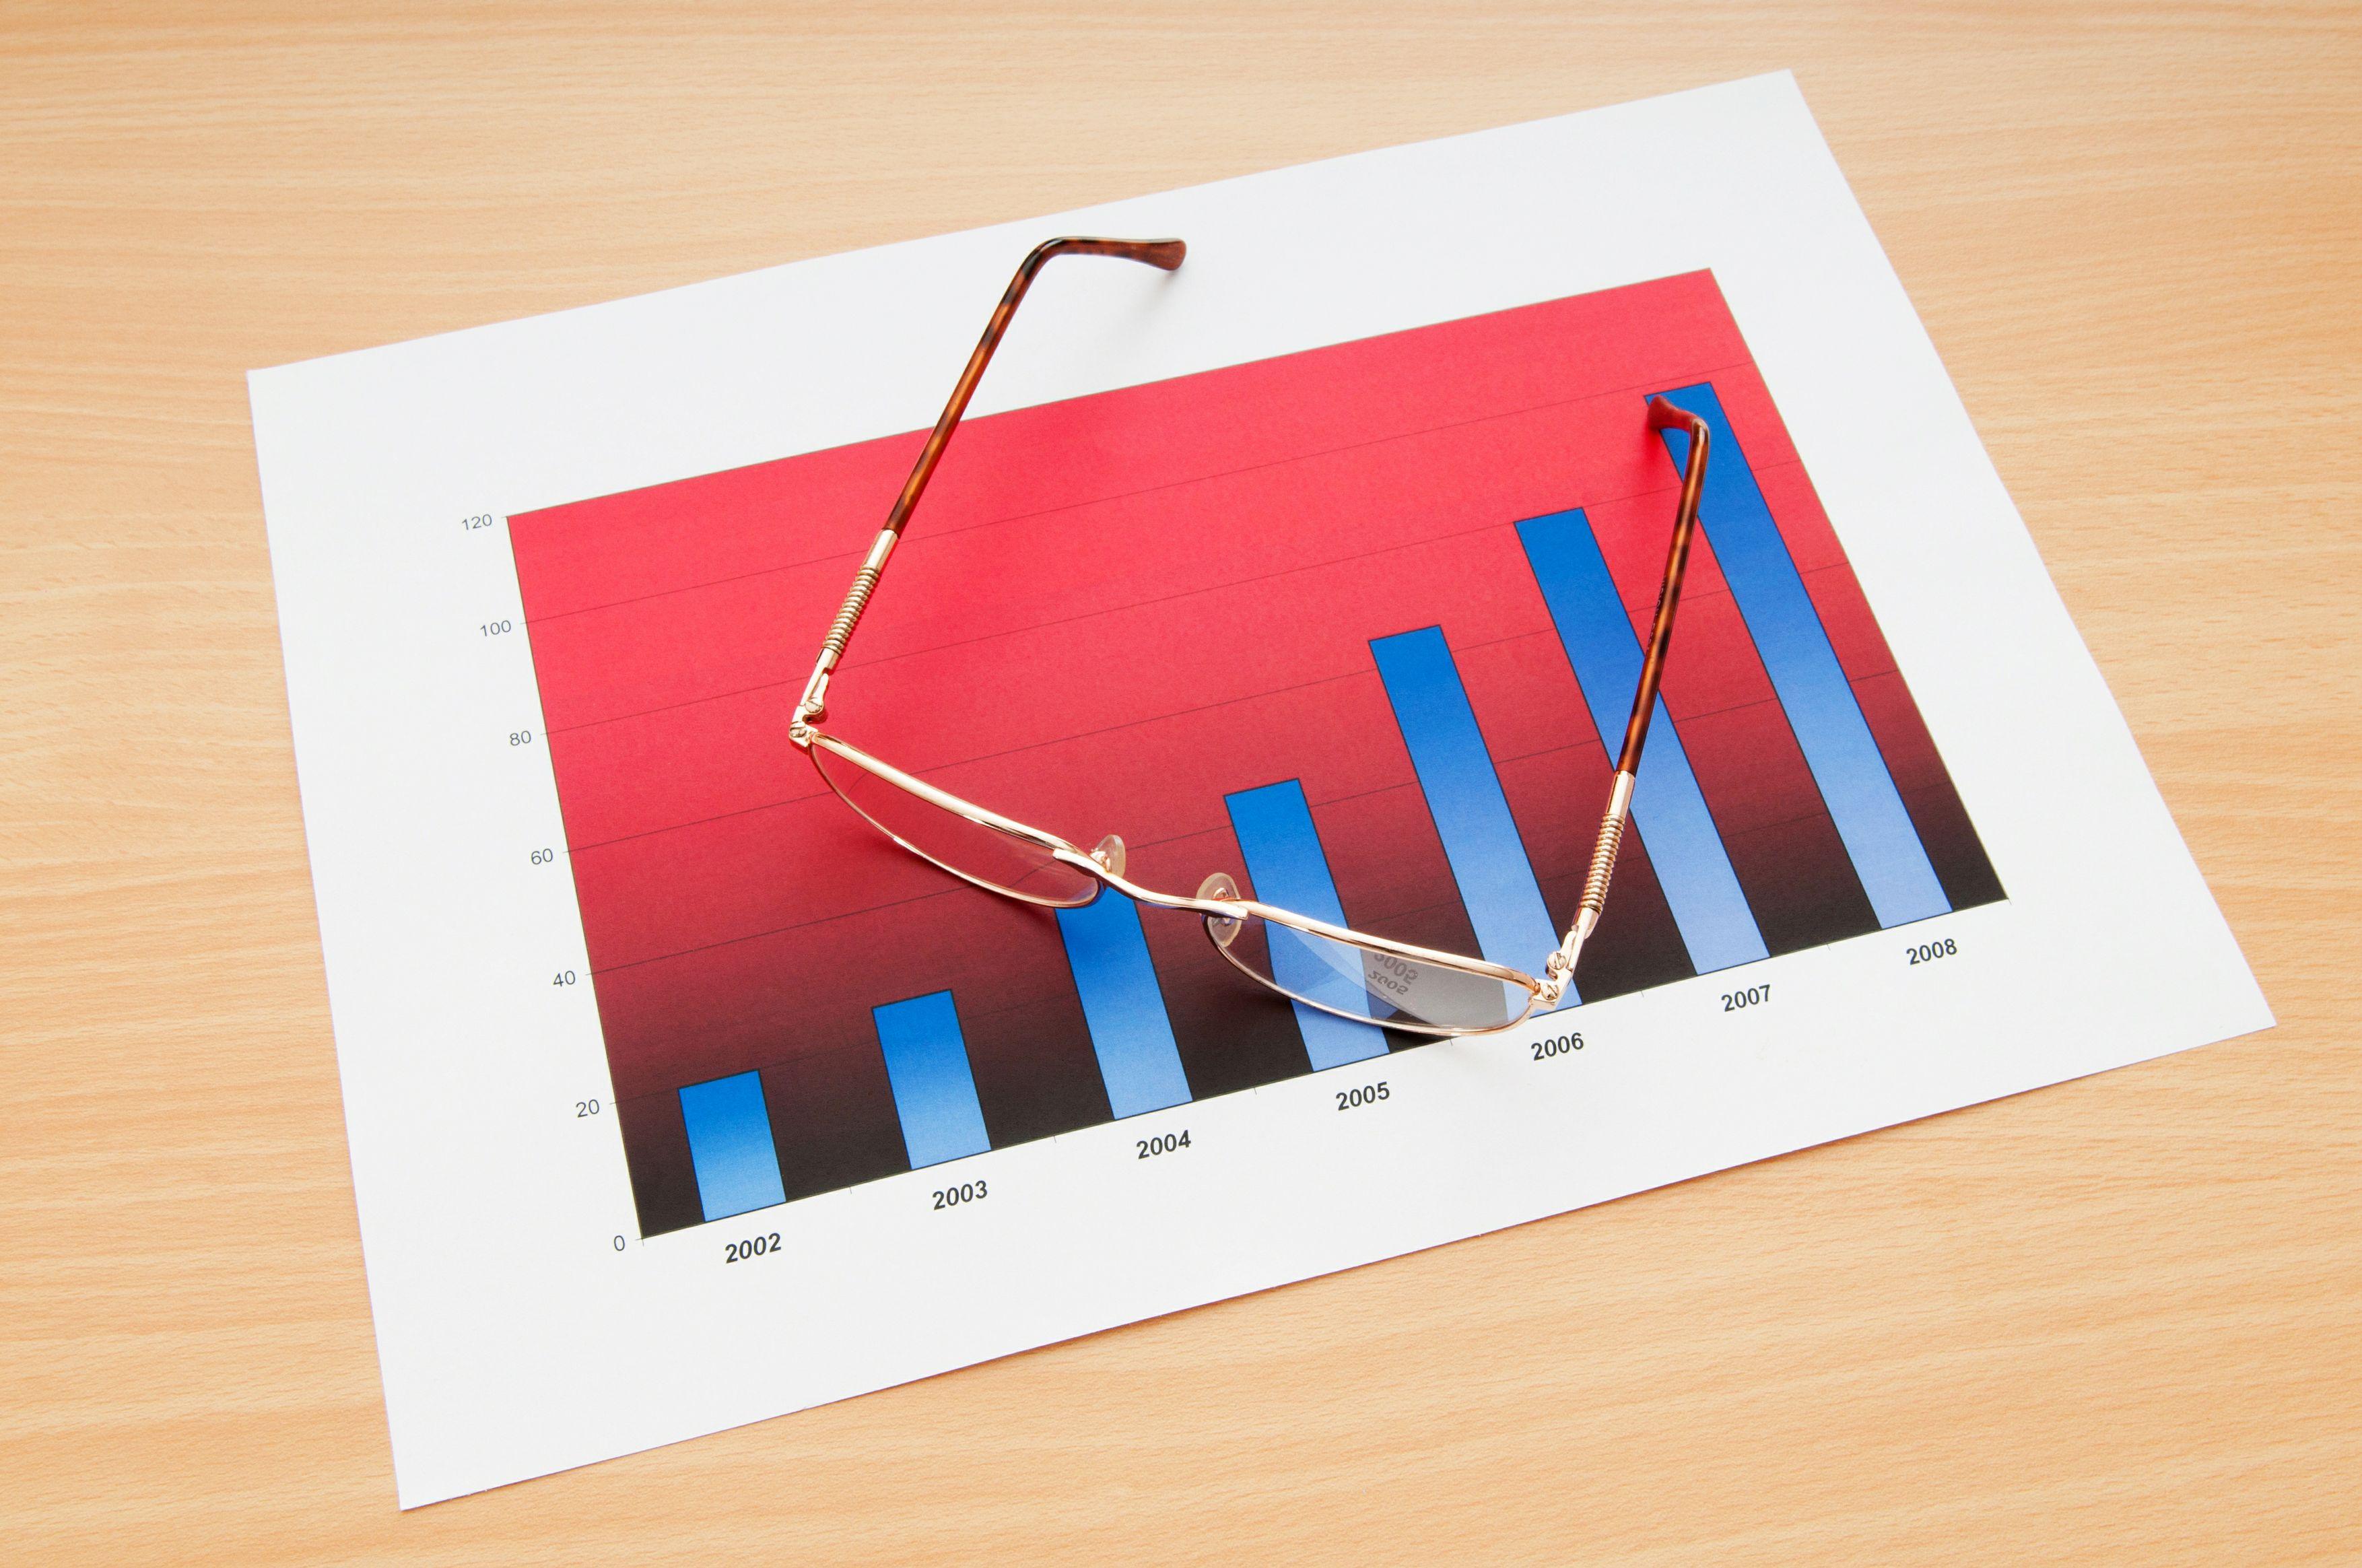 3月经济数据预测:猪周期启动,通胀上行